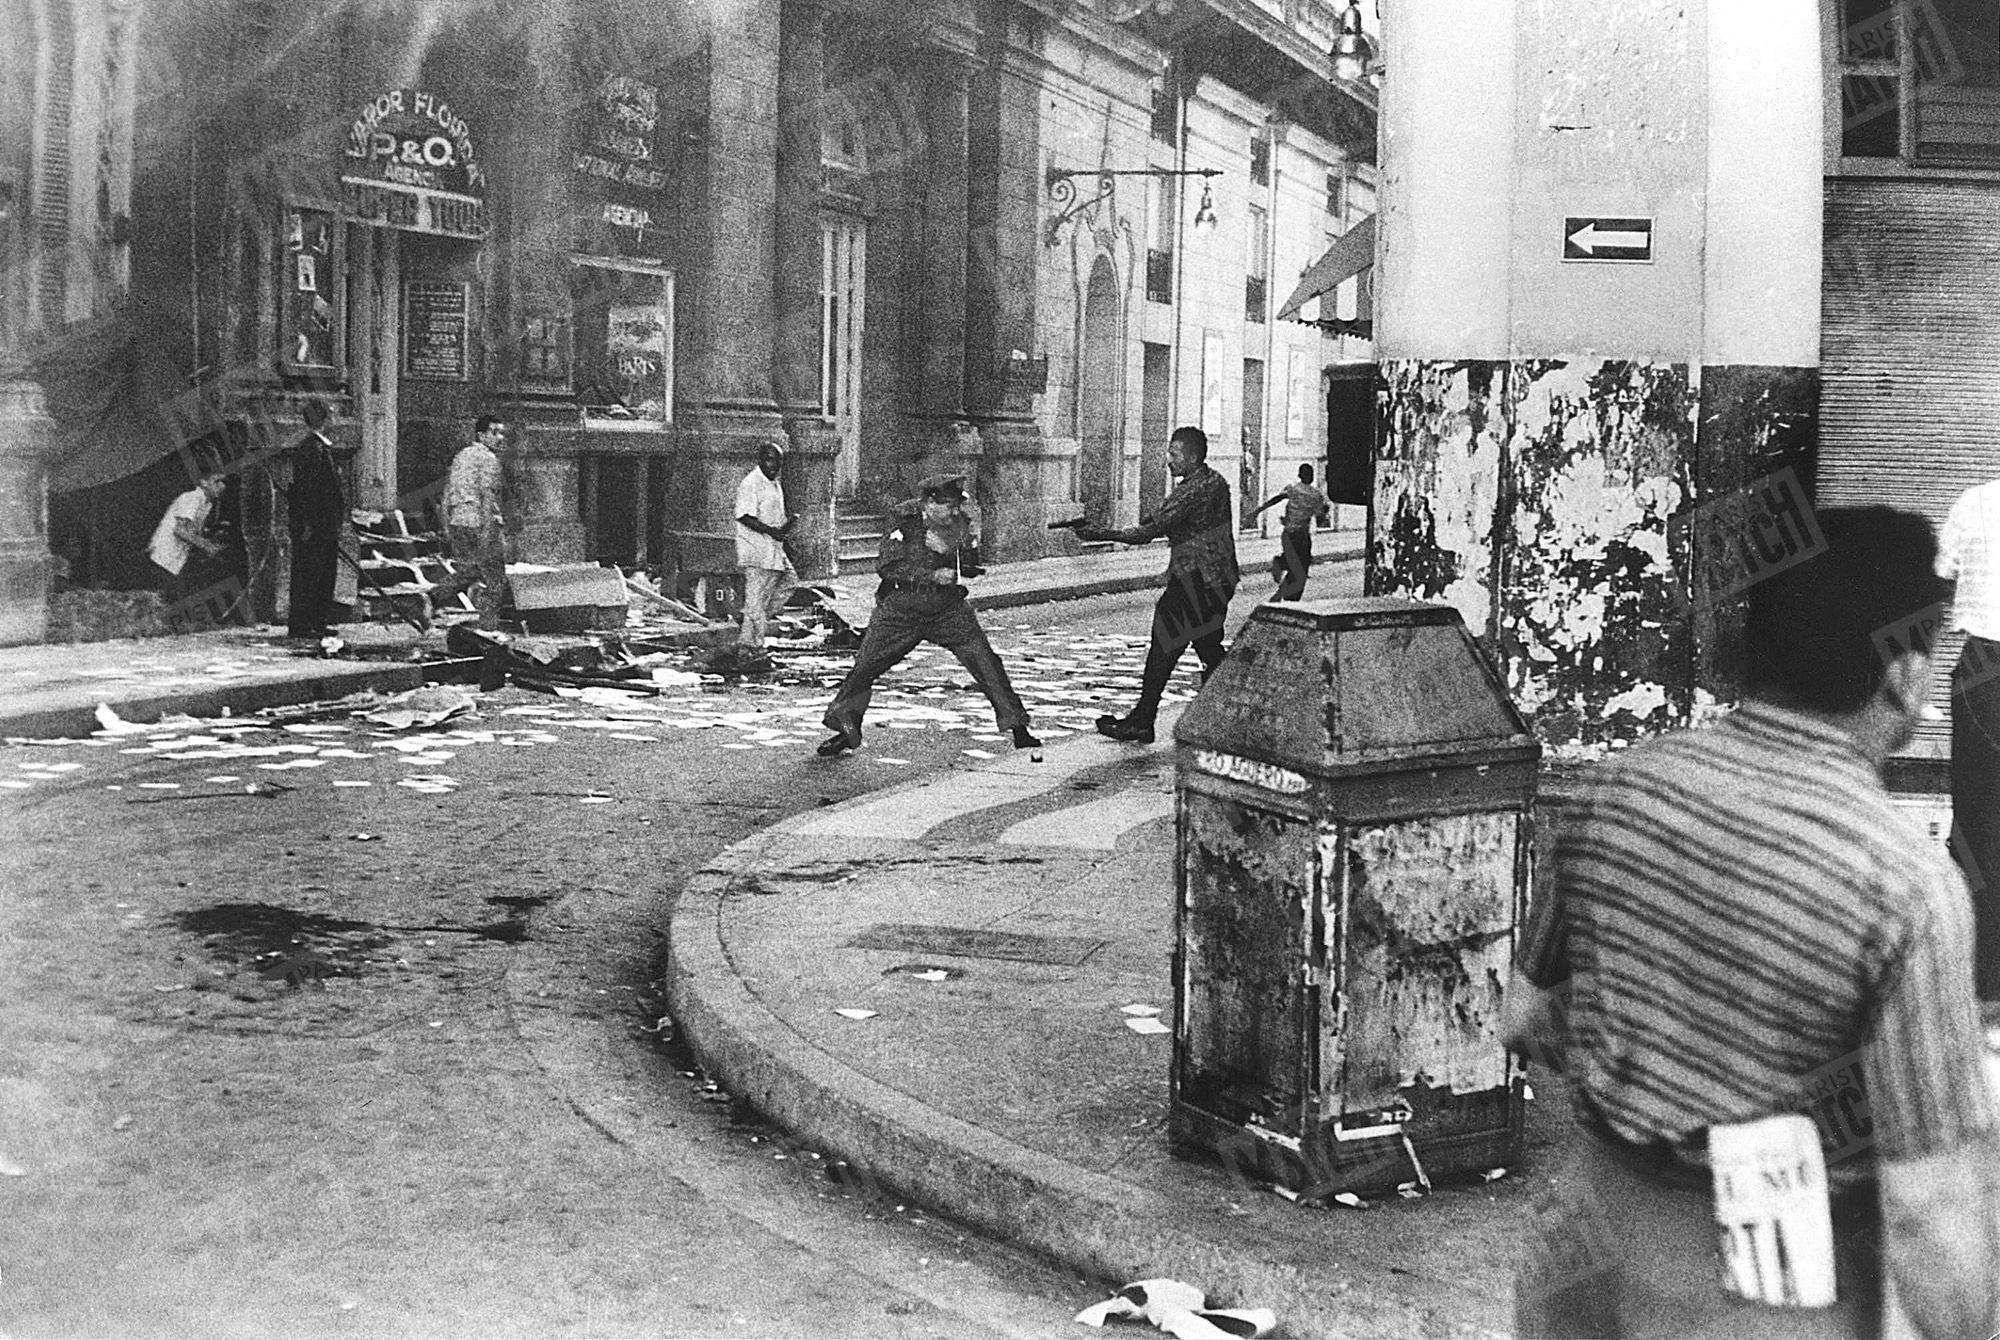 il y a 60 ans la revolution cubaine